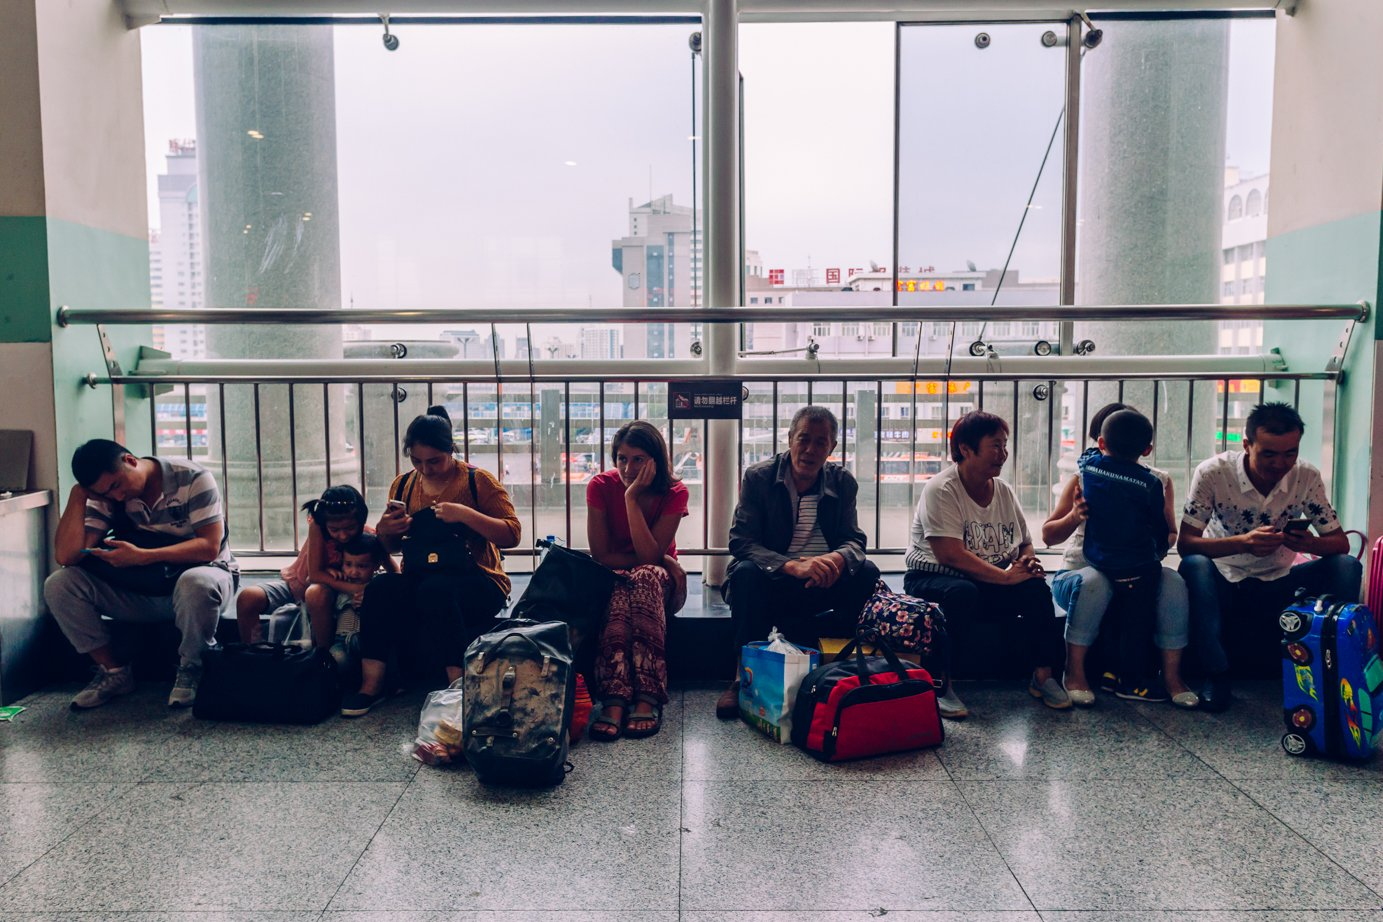 W chińskim pociągu ina dworcach spędziliśmy  wsumie ponad trzy doby. Szans naprzejechanie całej trasy rowerem nie było, alenie żałujemy, bo jazda pociągiem toteż całkiem spore przeżycie itemat naosobny wpis.